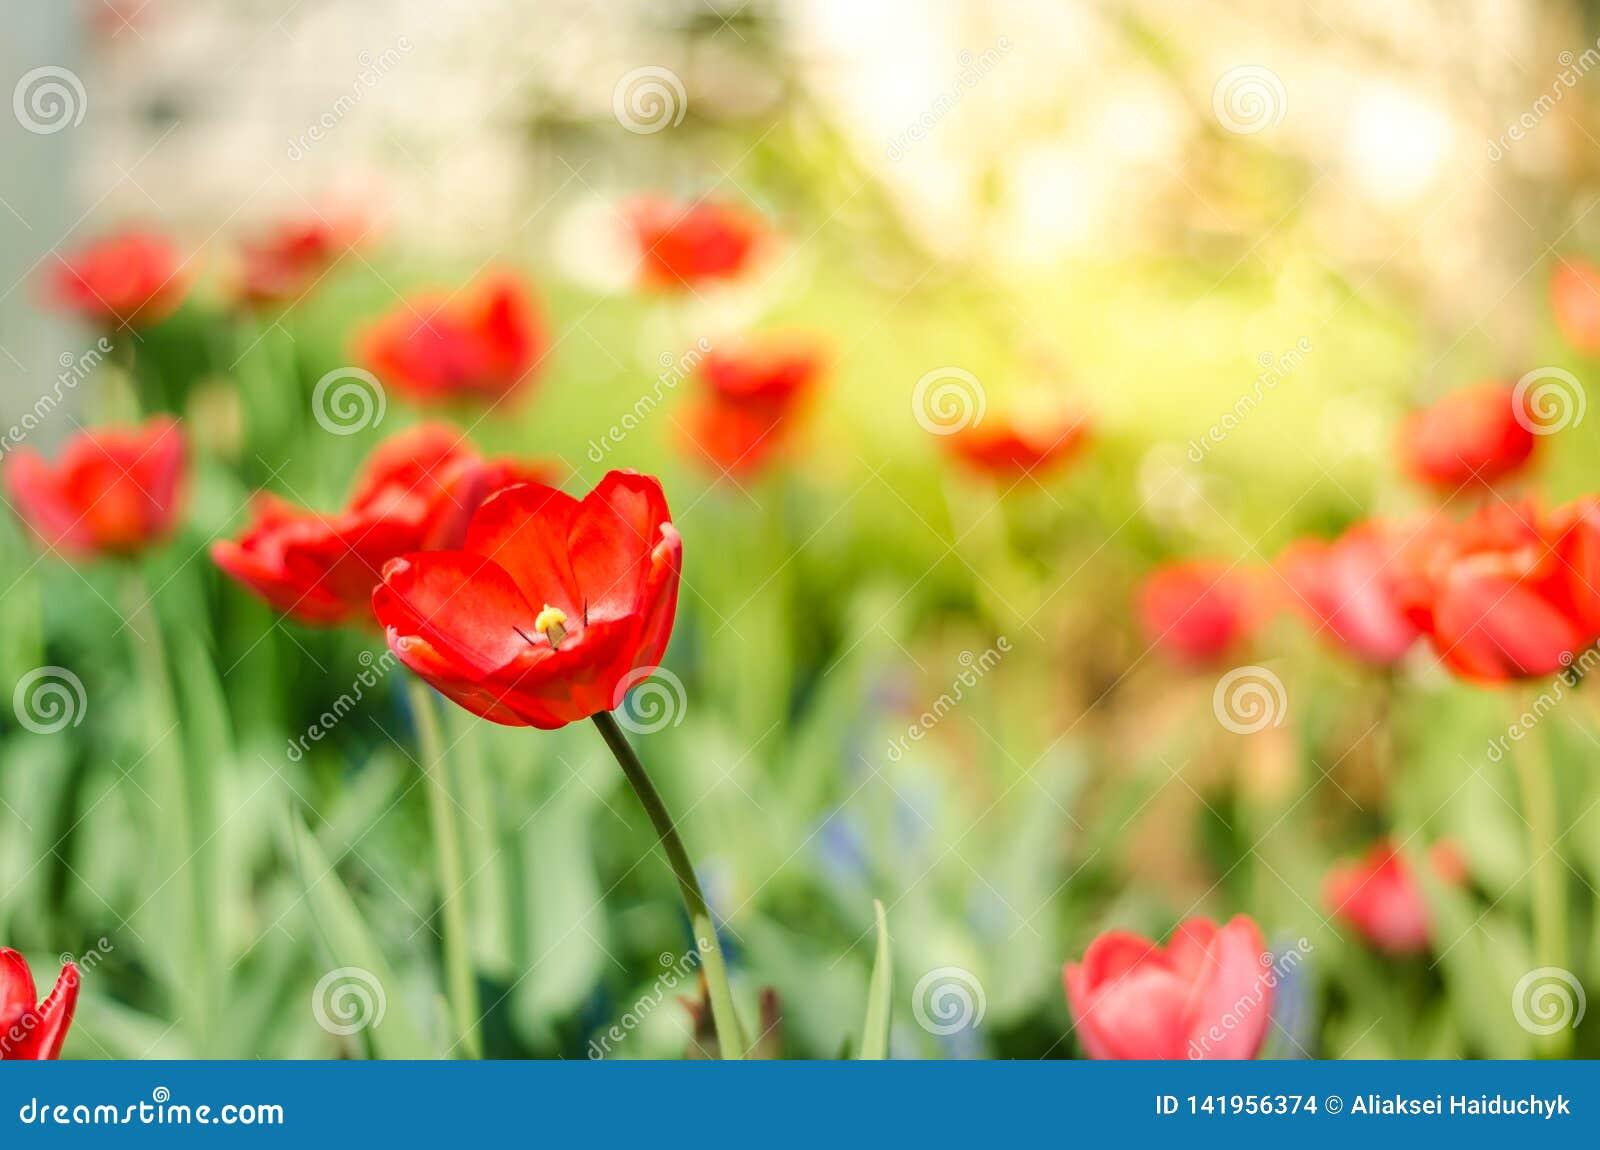 Feldblumentulpe Schöne Naturszene mit blühender roter Tulpe im Sonnenaufflackern/in den Frühlingsblumen Schöne Wiese Frühling